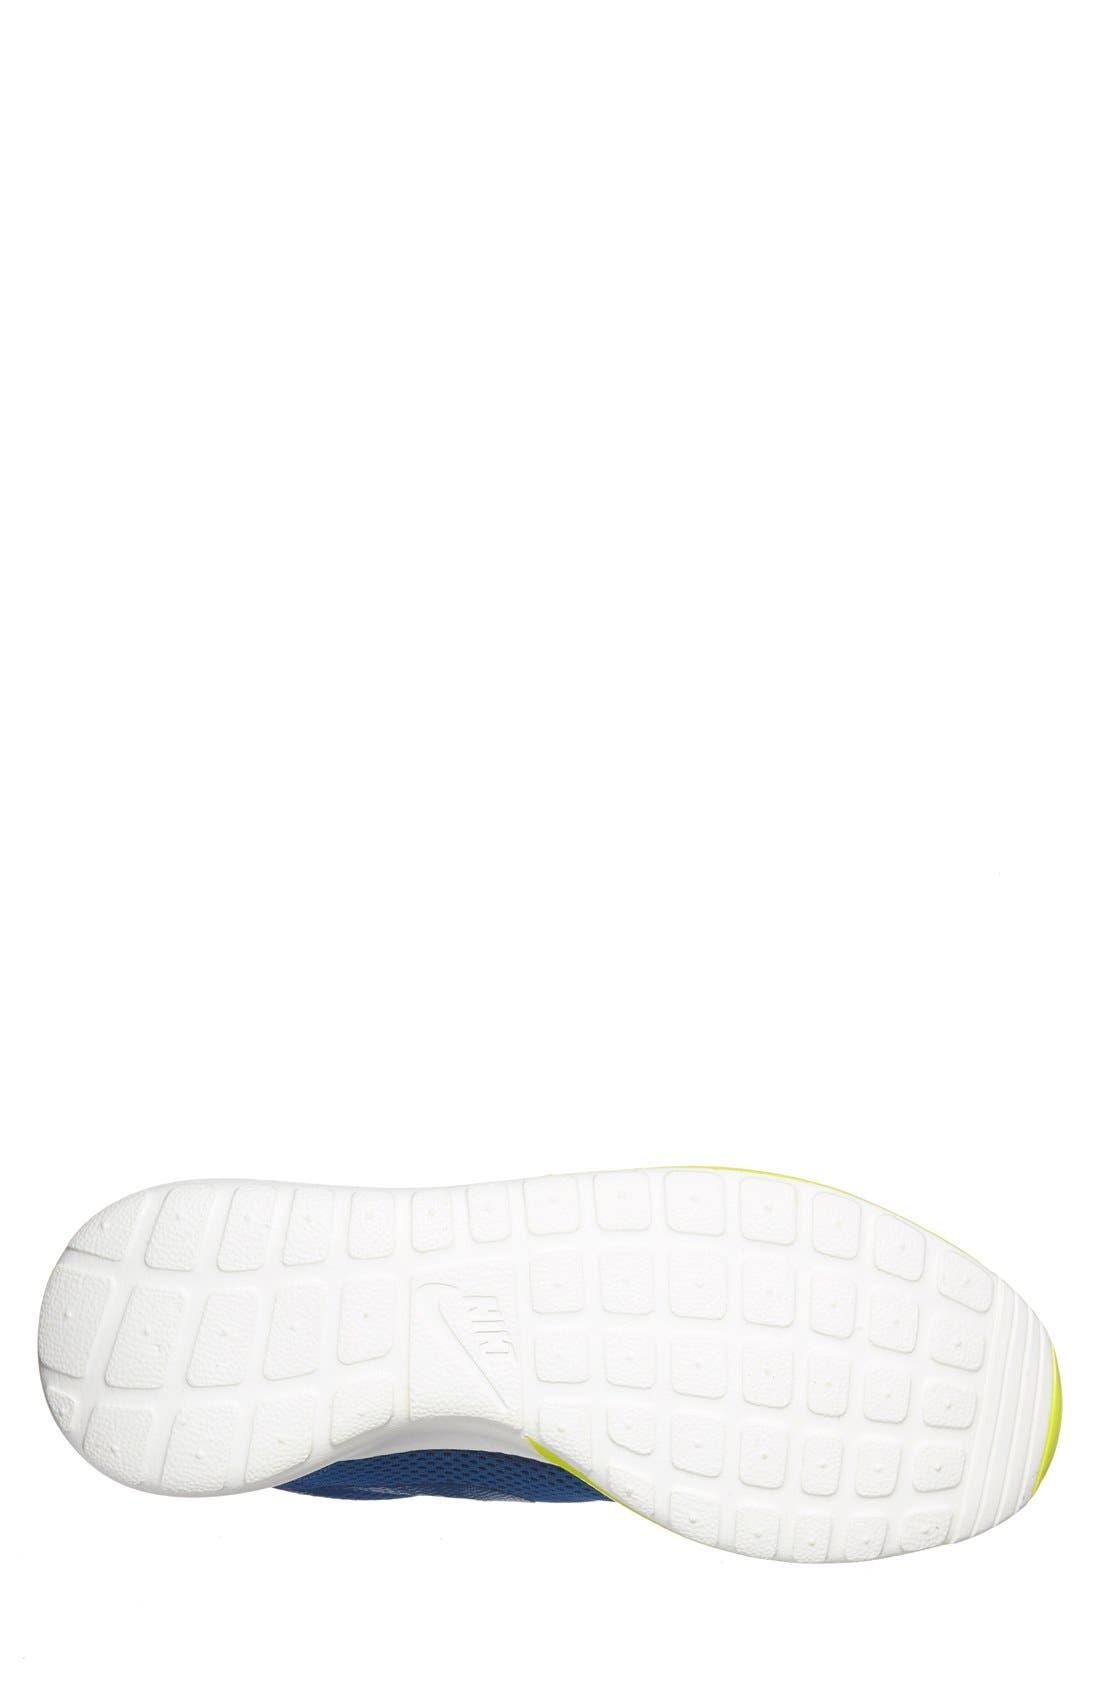 ,                             'Roshe Run' Sneaker,                             Alternate thumbnail 96, color,                             400